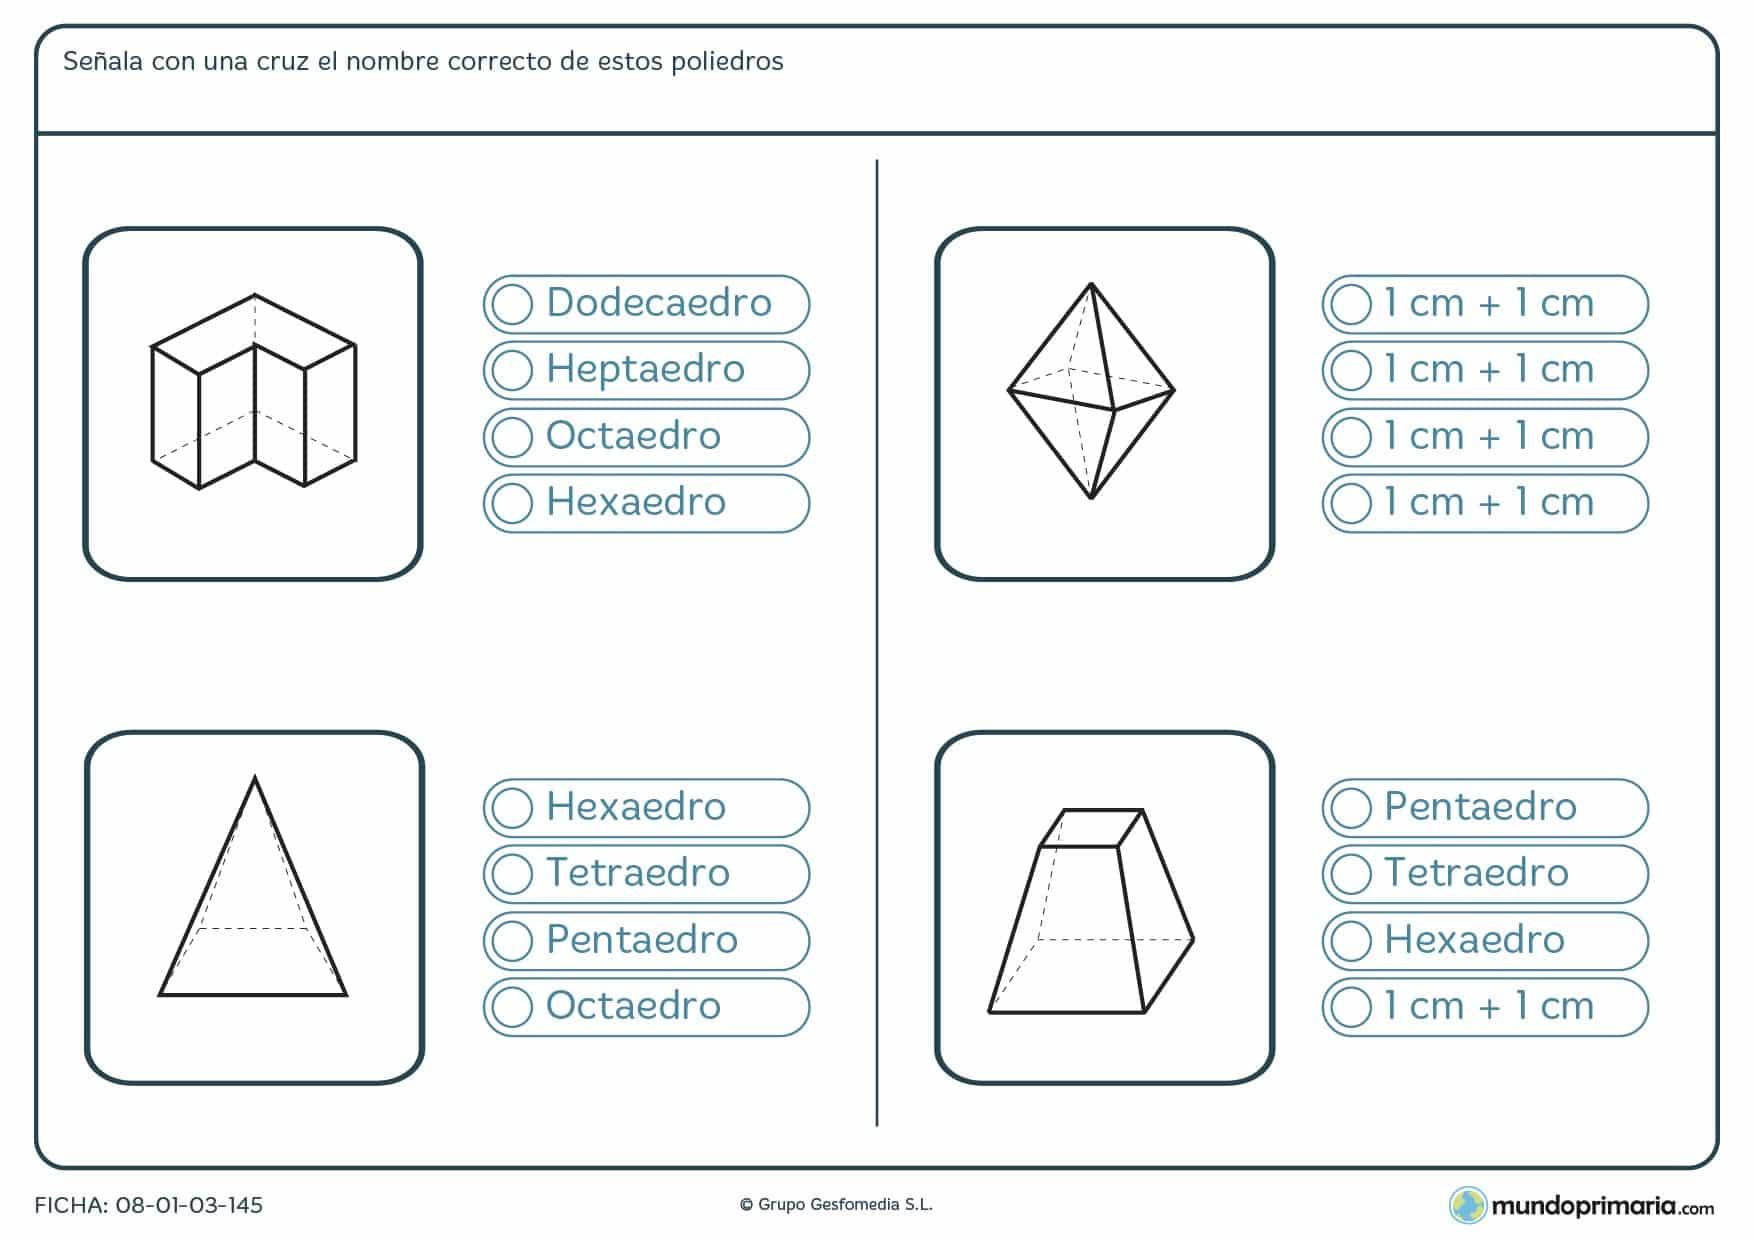 Ficha de averiguar el poliedro representado en la ficha marcando su nombre correctamente.